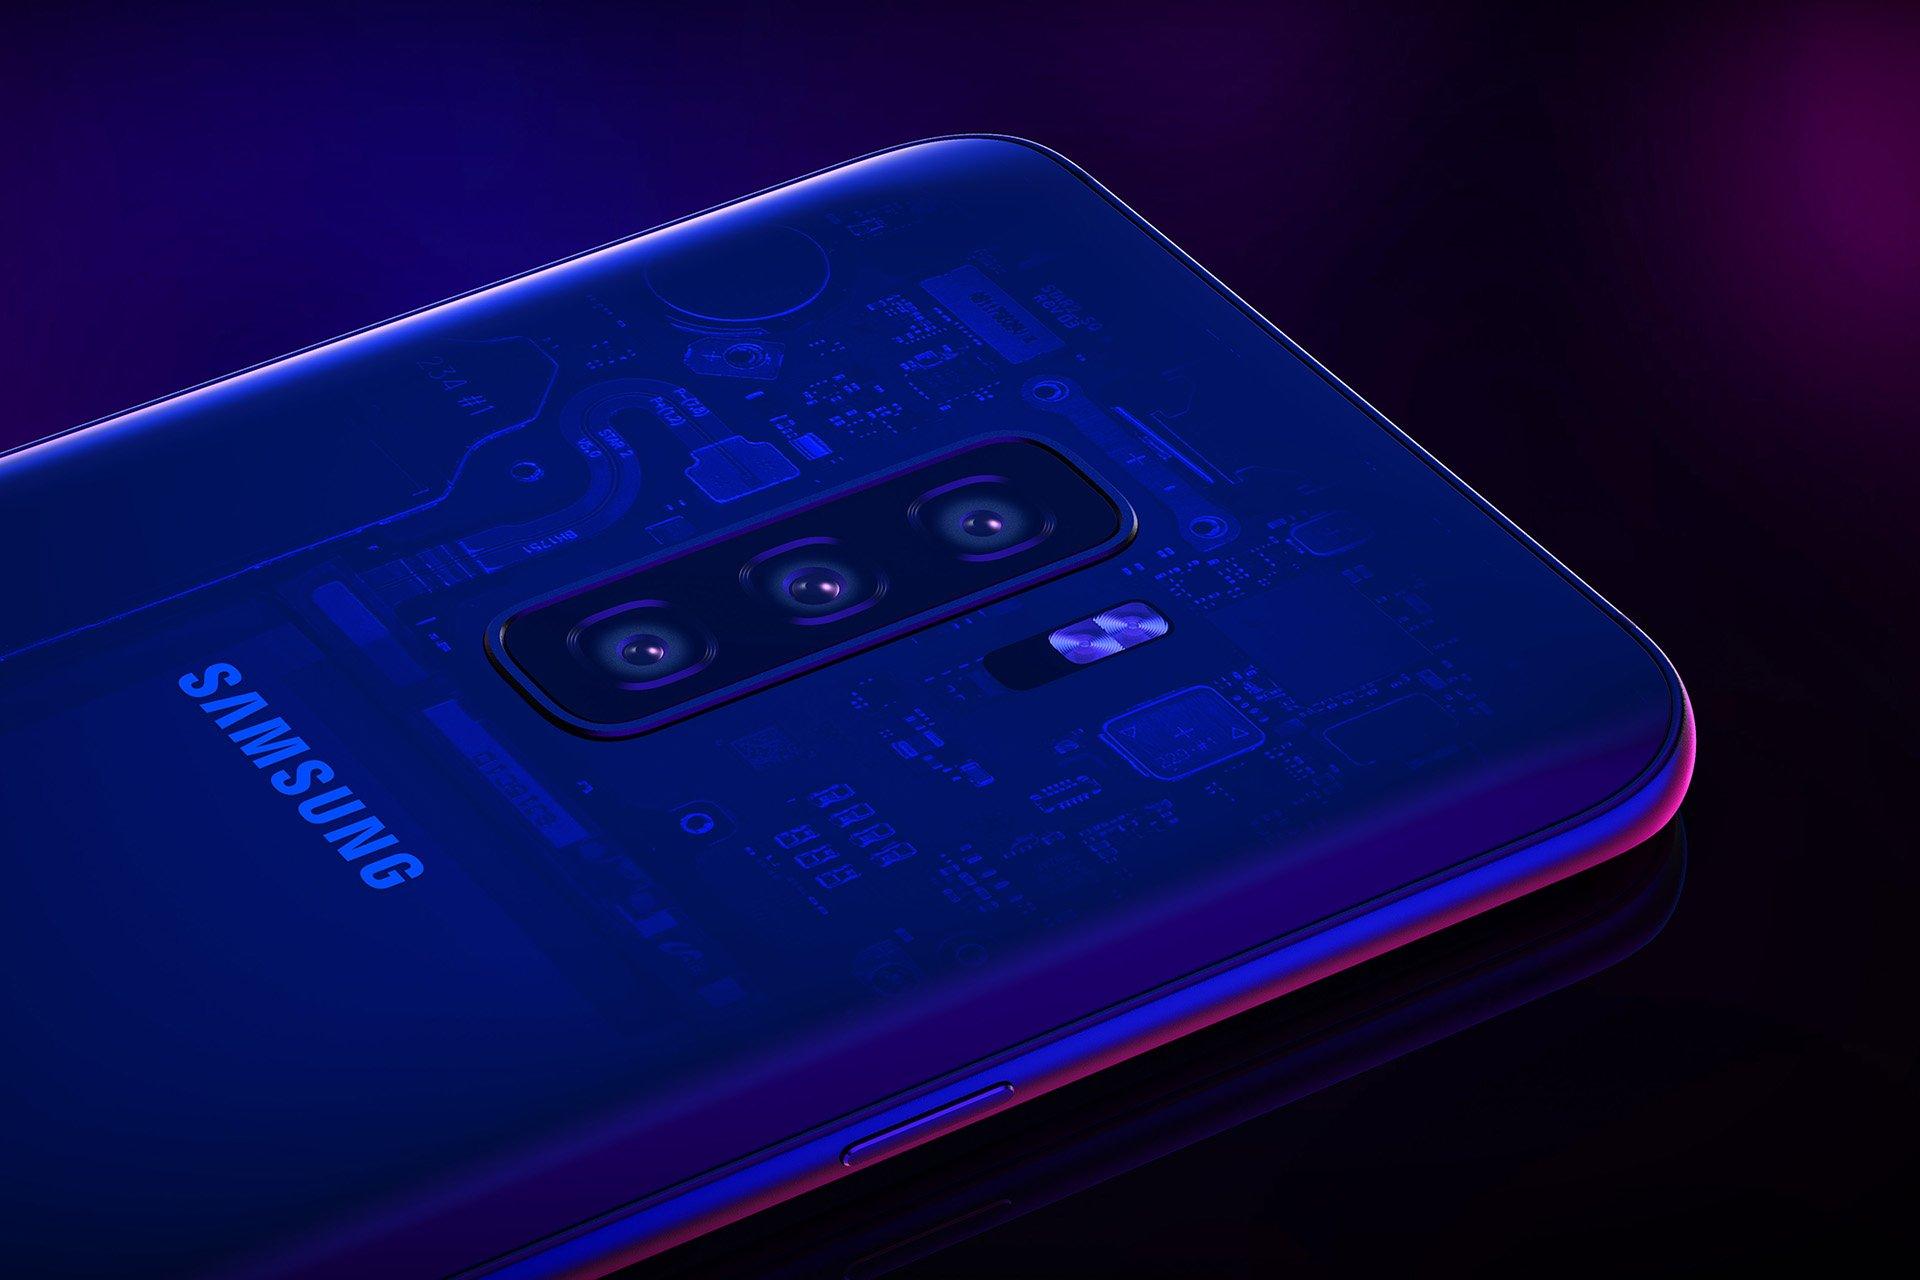 Samsung Galaxy S10 Plus на Exynos 9820 выглядит многообещающим смартфоном будущего